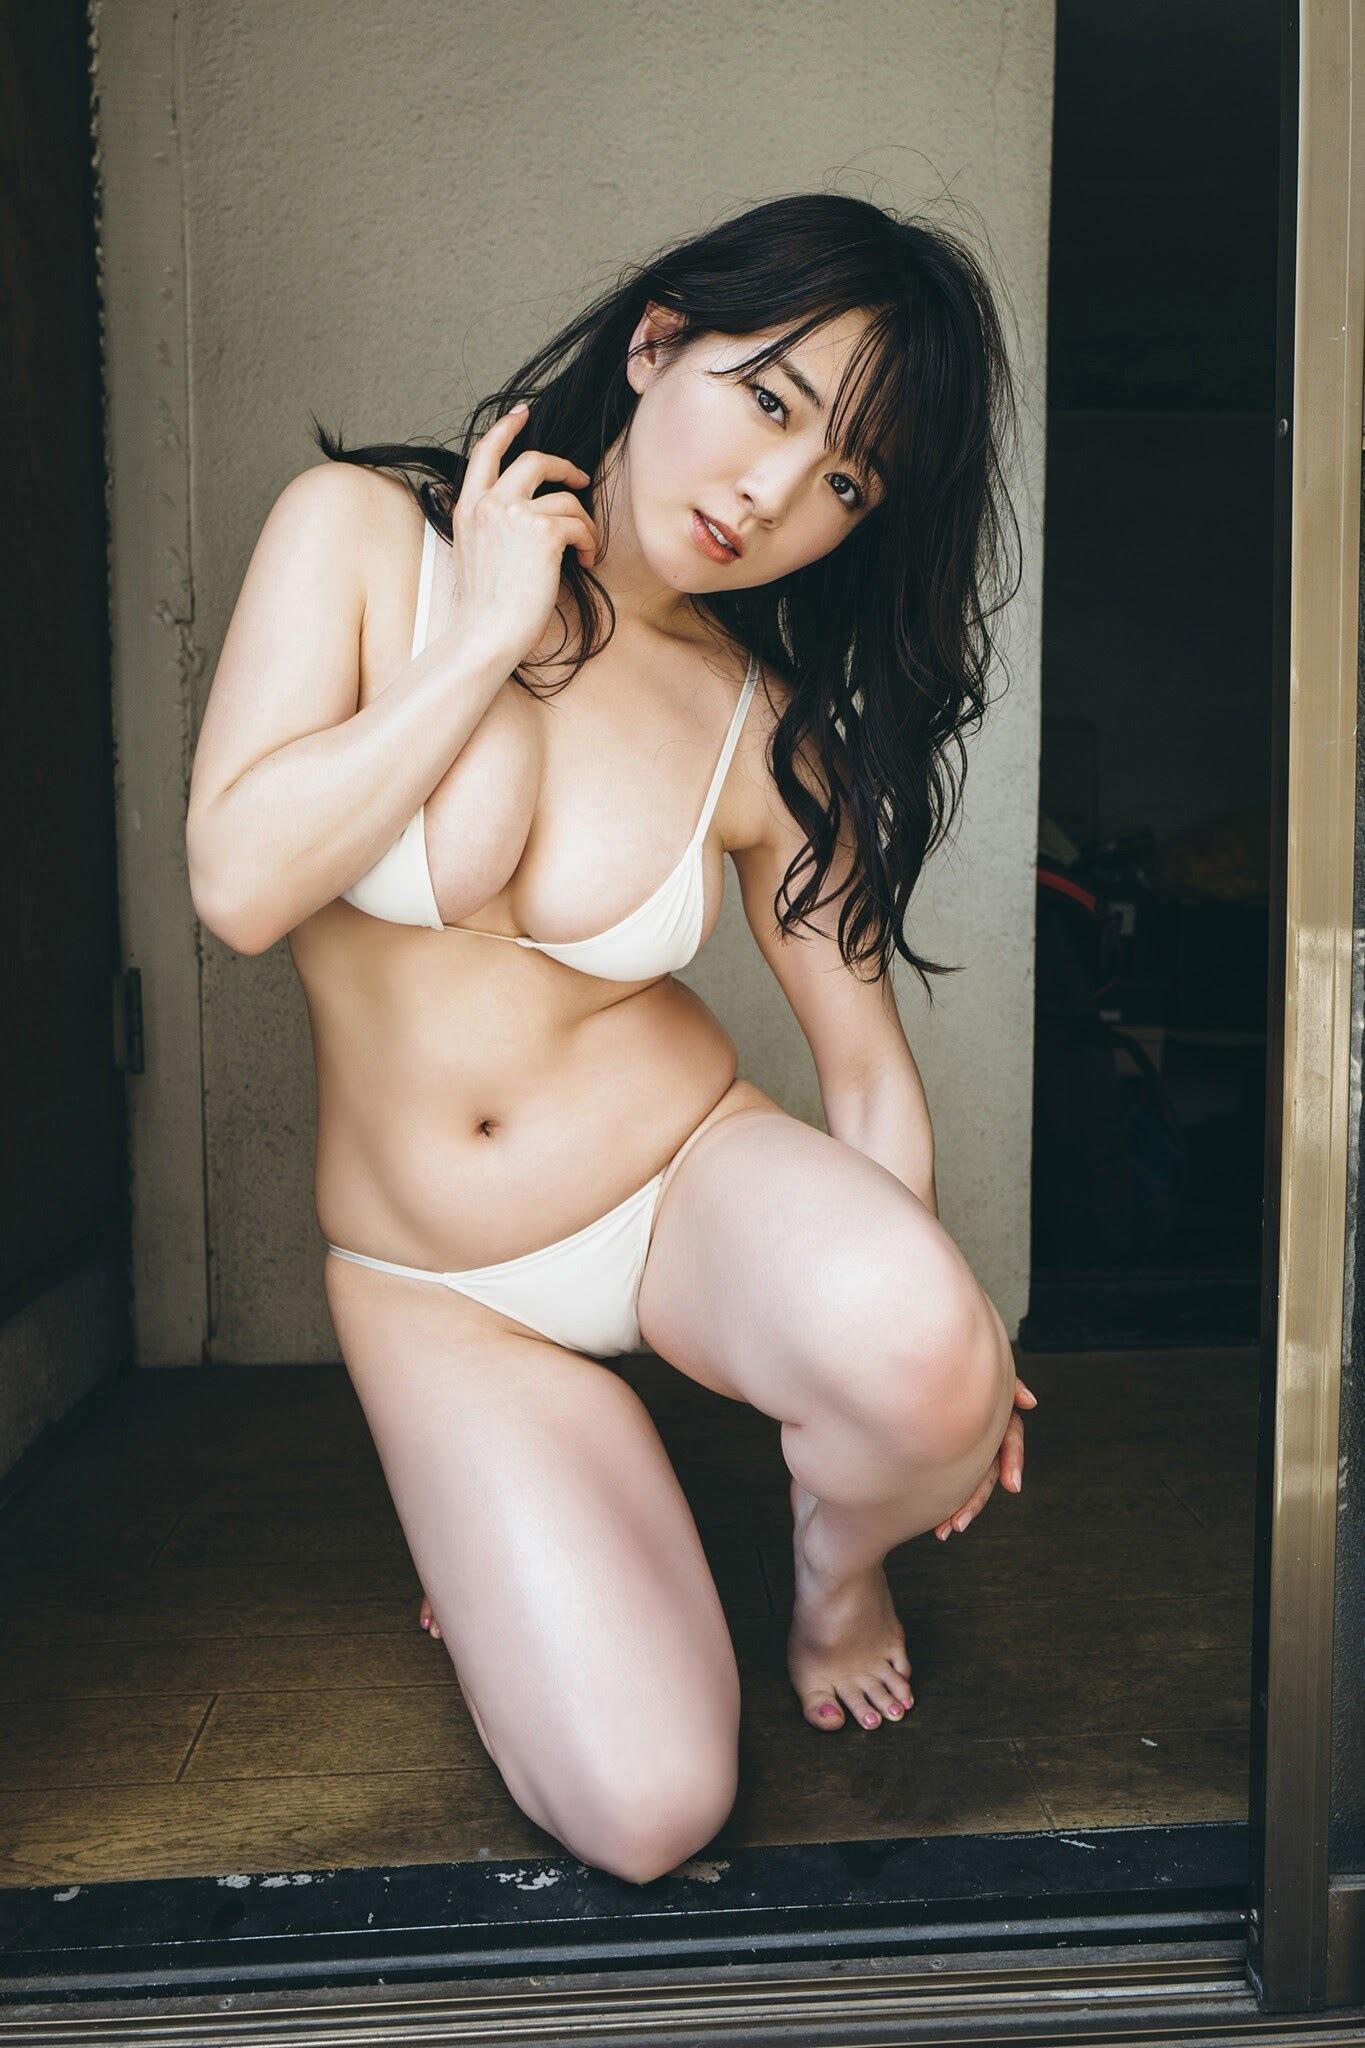 巨乳グラビアアイドル 29